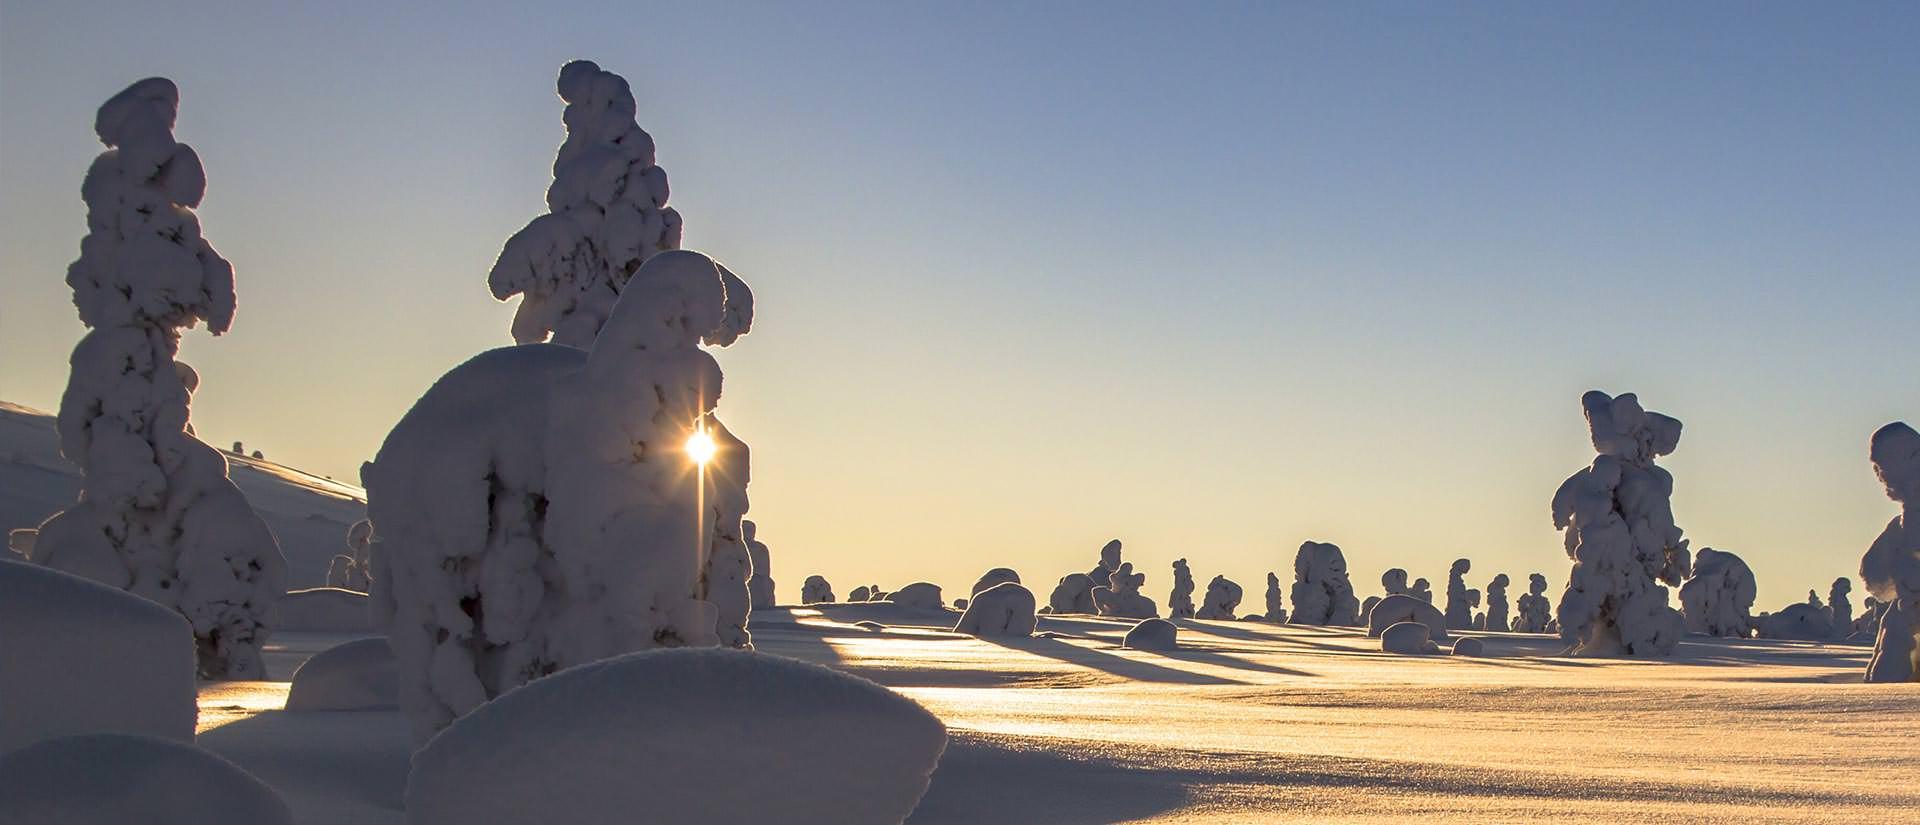 יעדים קרובים לטיול בעונה הקרה